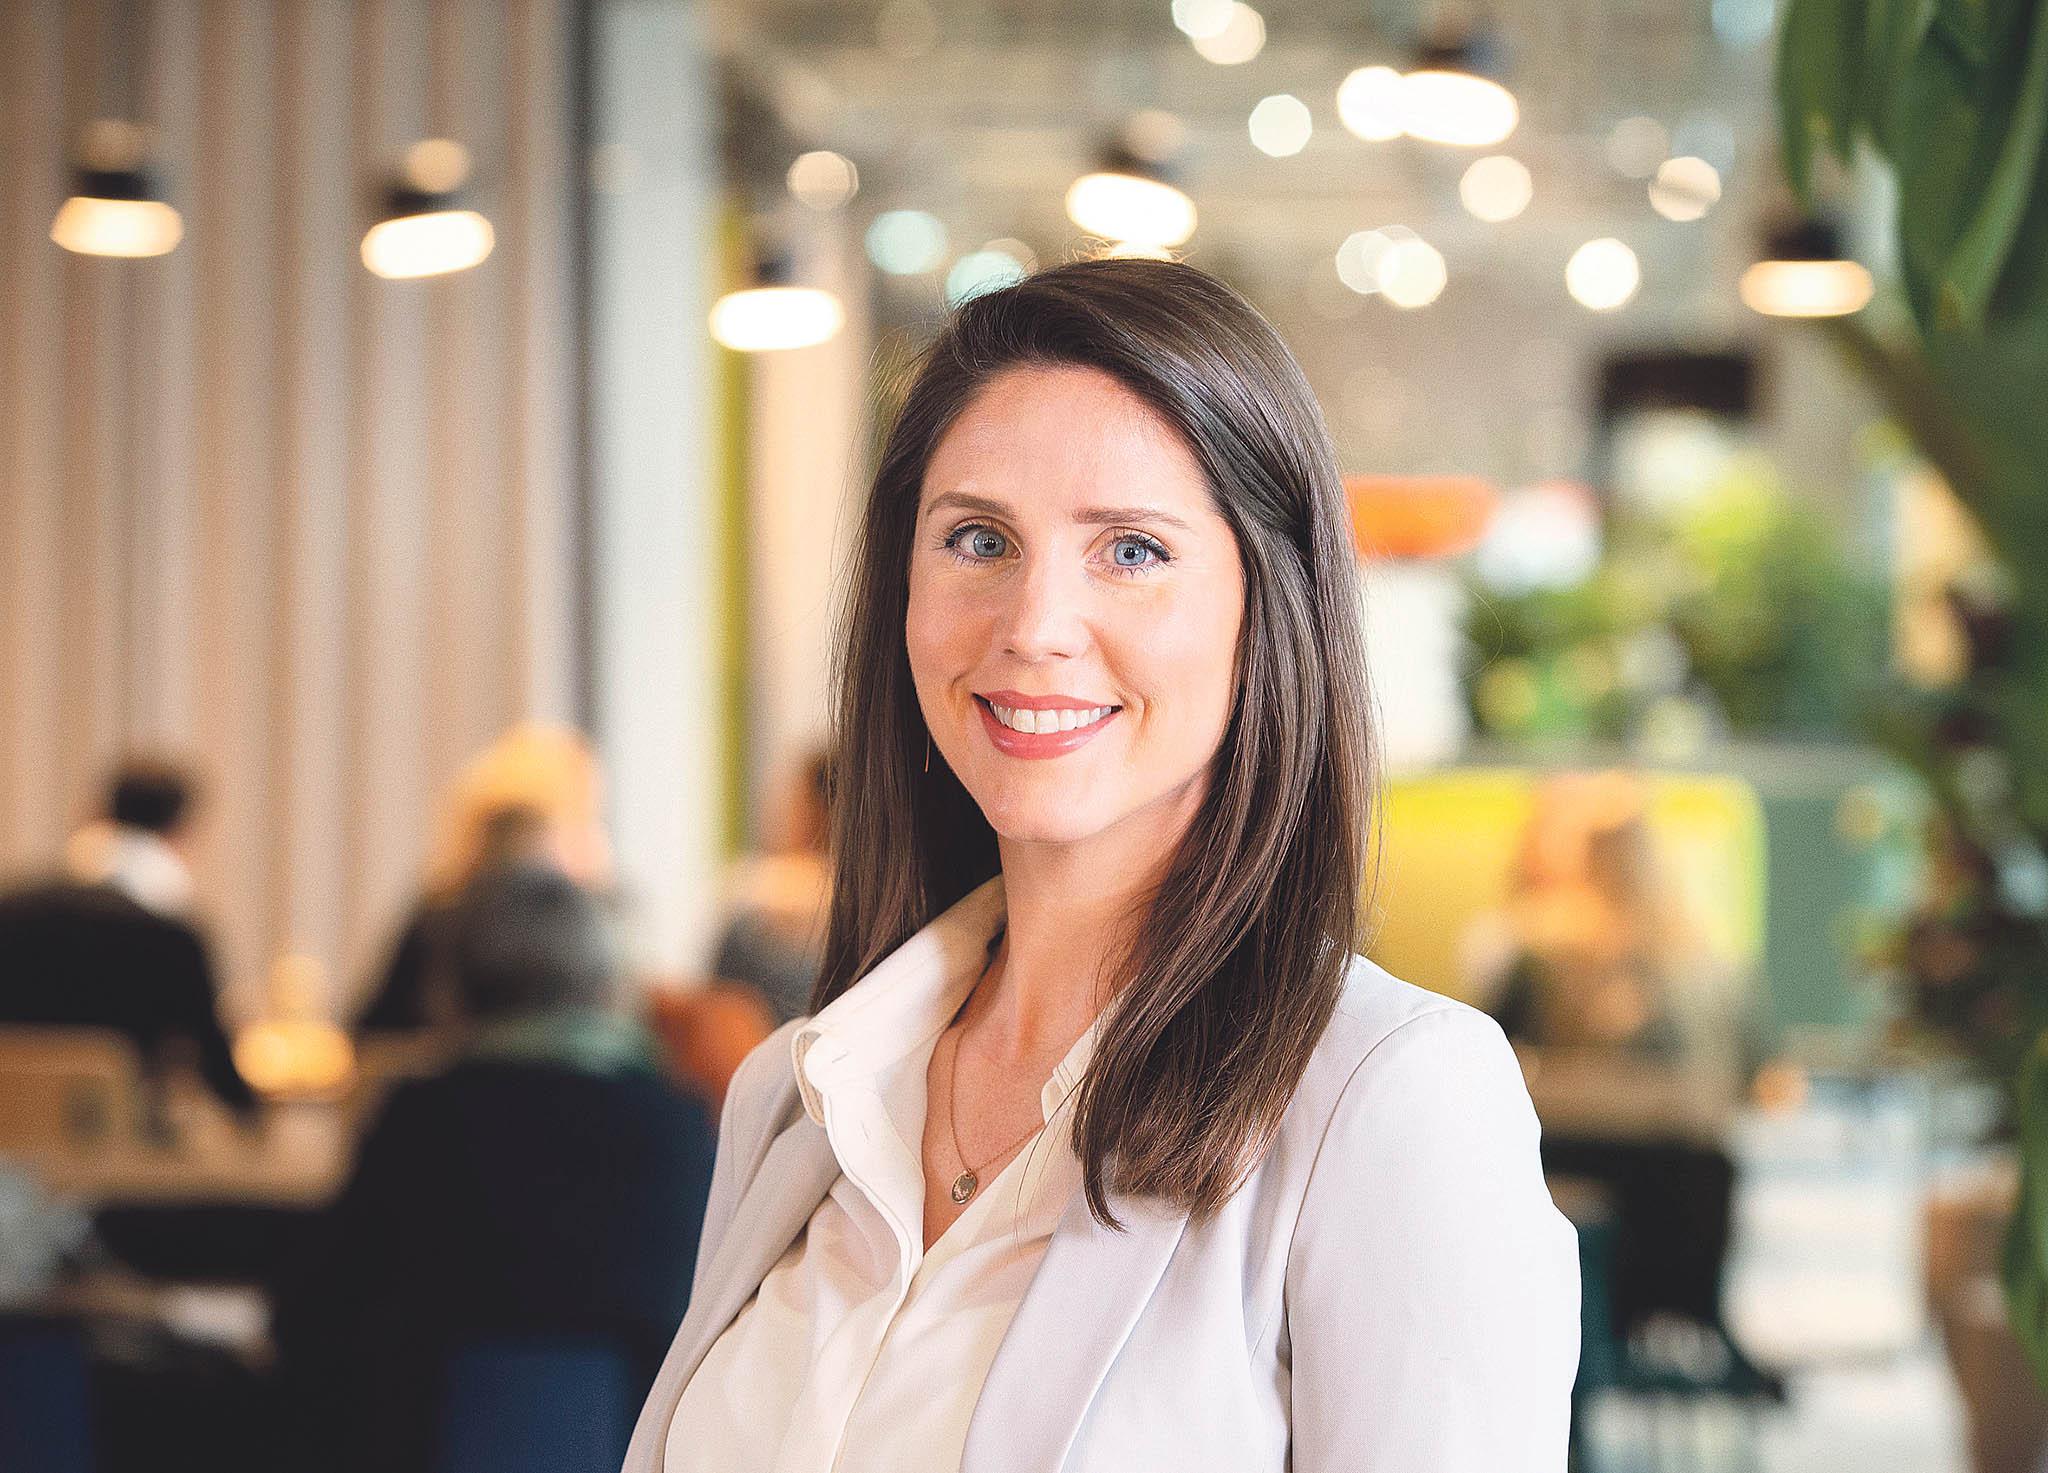 Kaitlin Crouchová, působící v ING, se udržitelnému rozvoji věnuje po celý svůj profesní život.